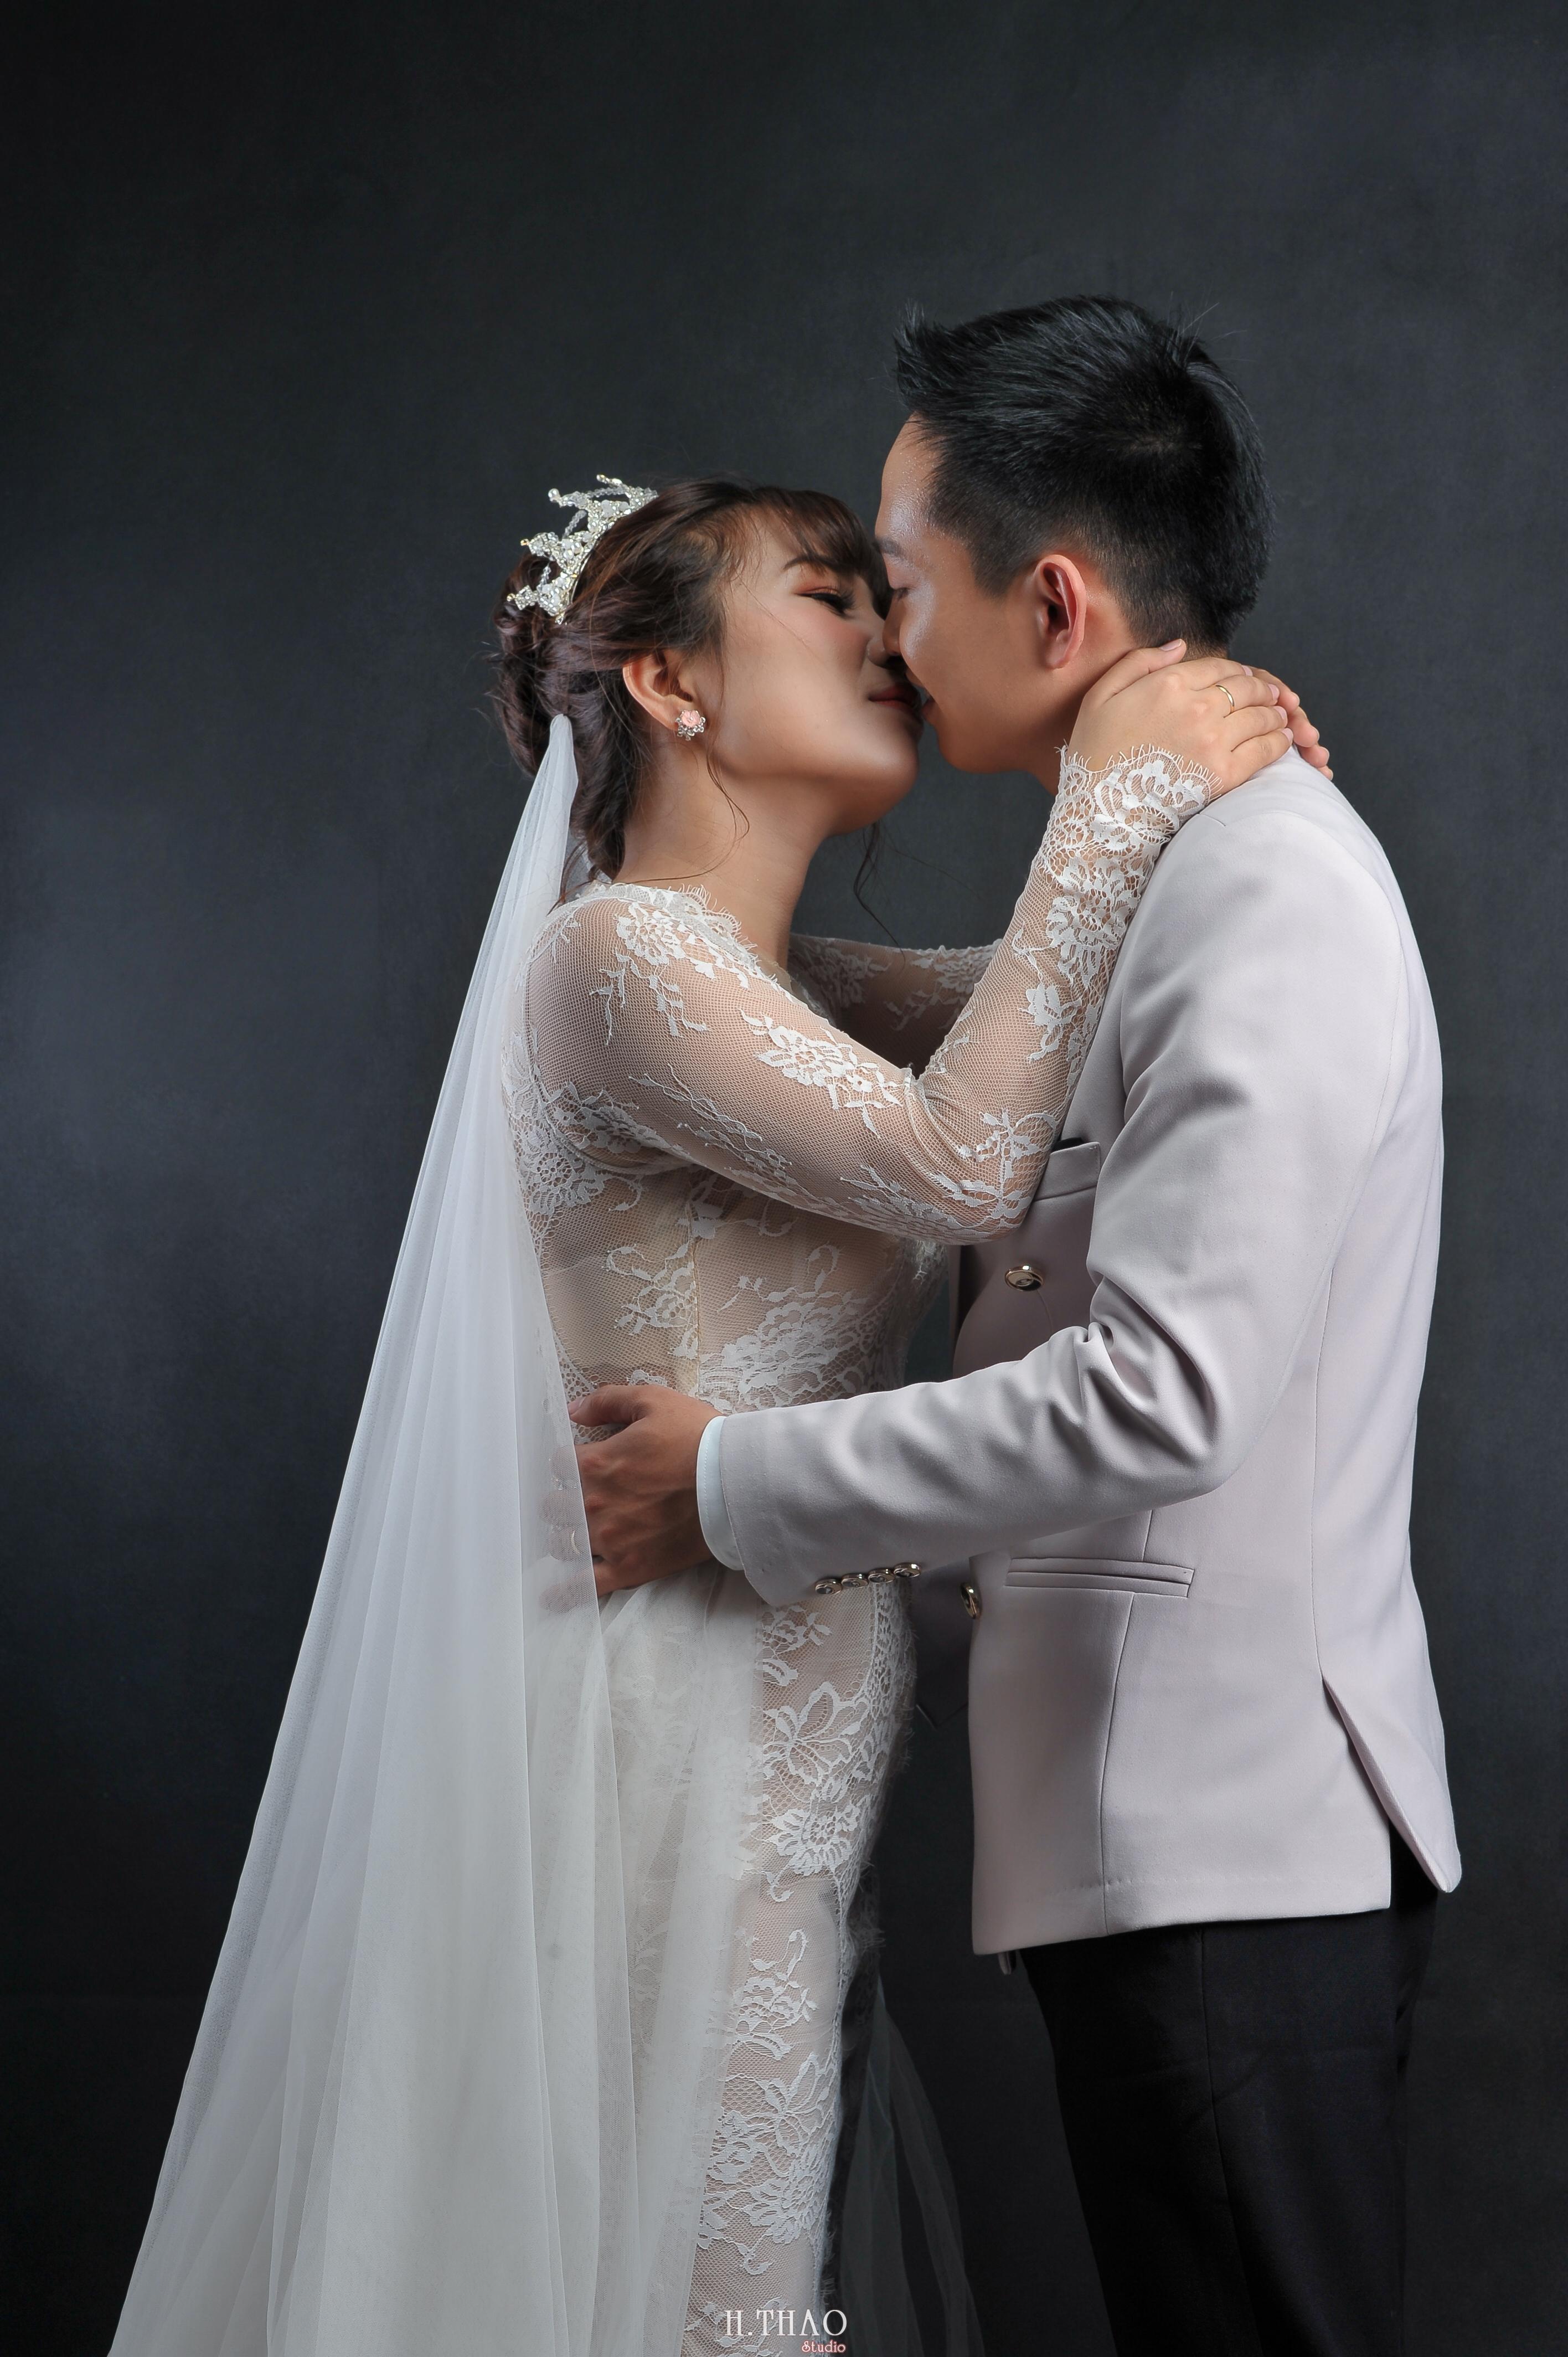 Anh cuoi style Han quoc 12 min - Chụp ảnh cưới đơn giản mà đẹp tại studio – HThao Studio Tp.HCM